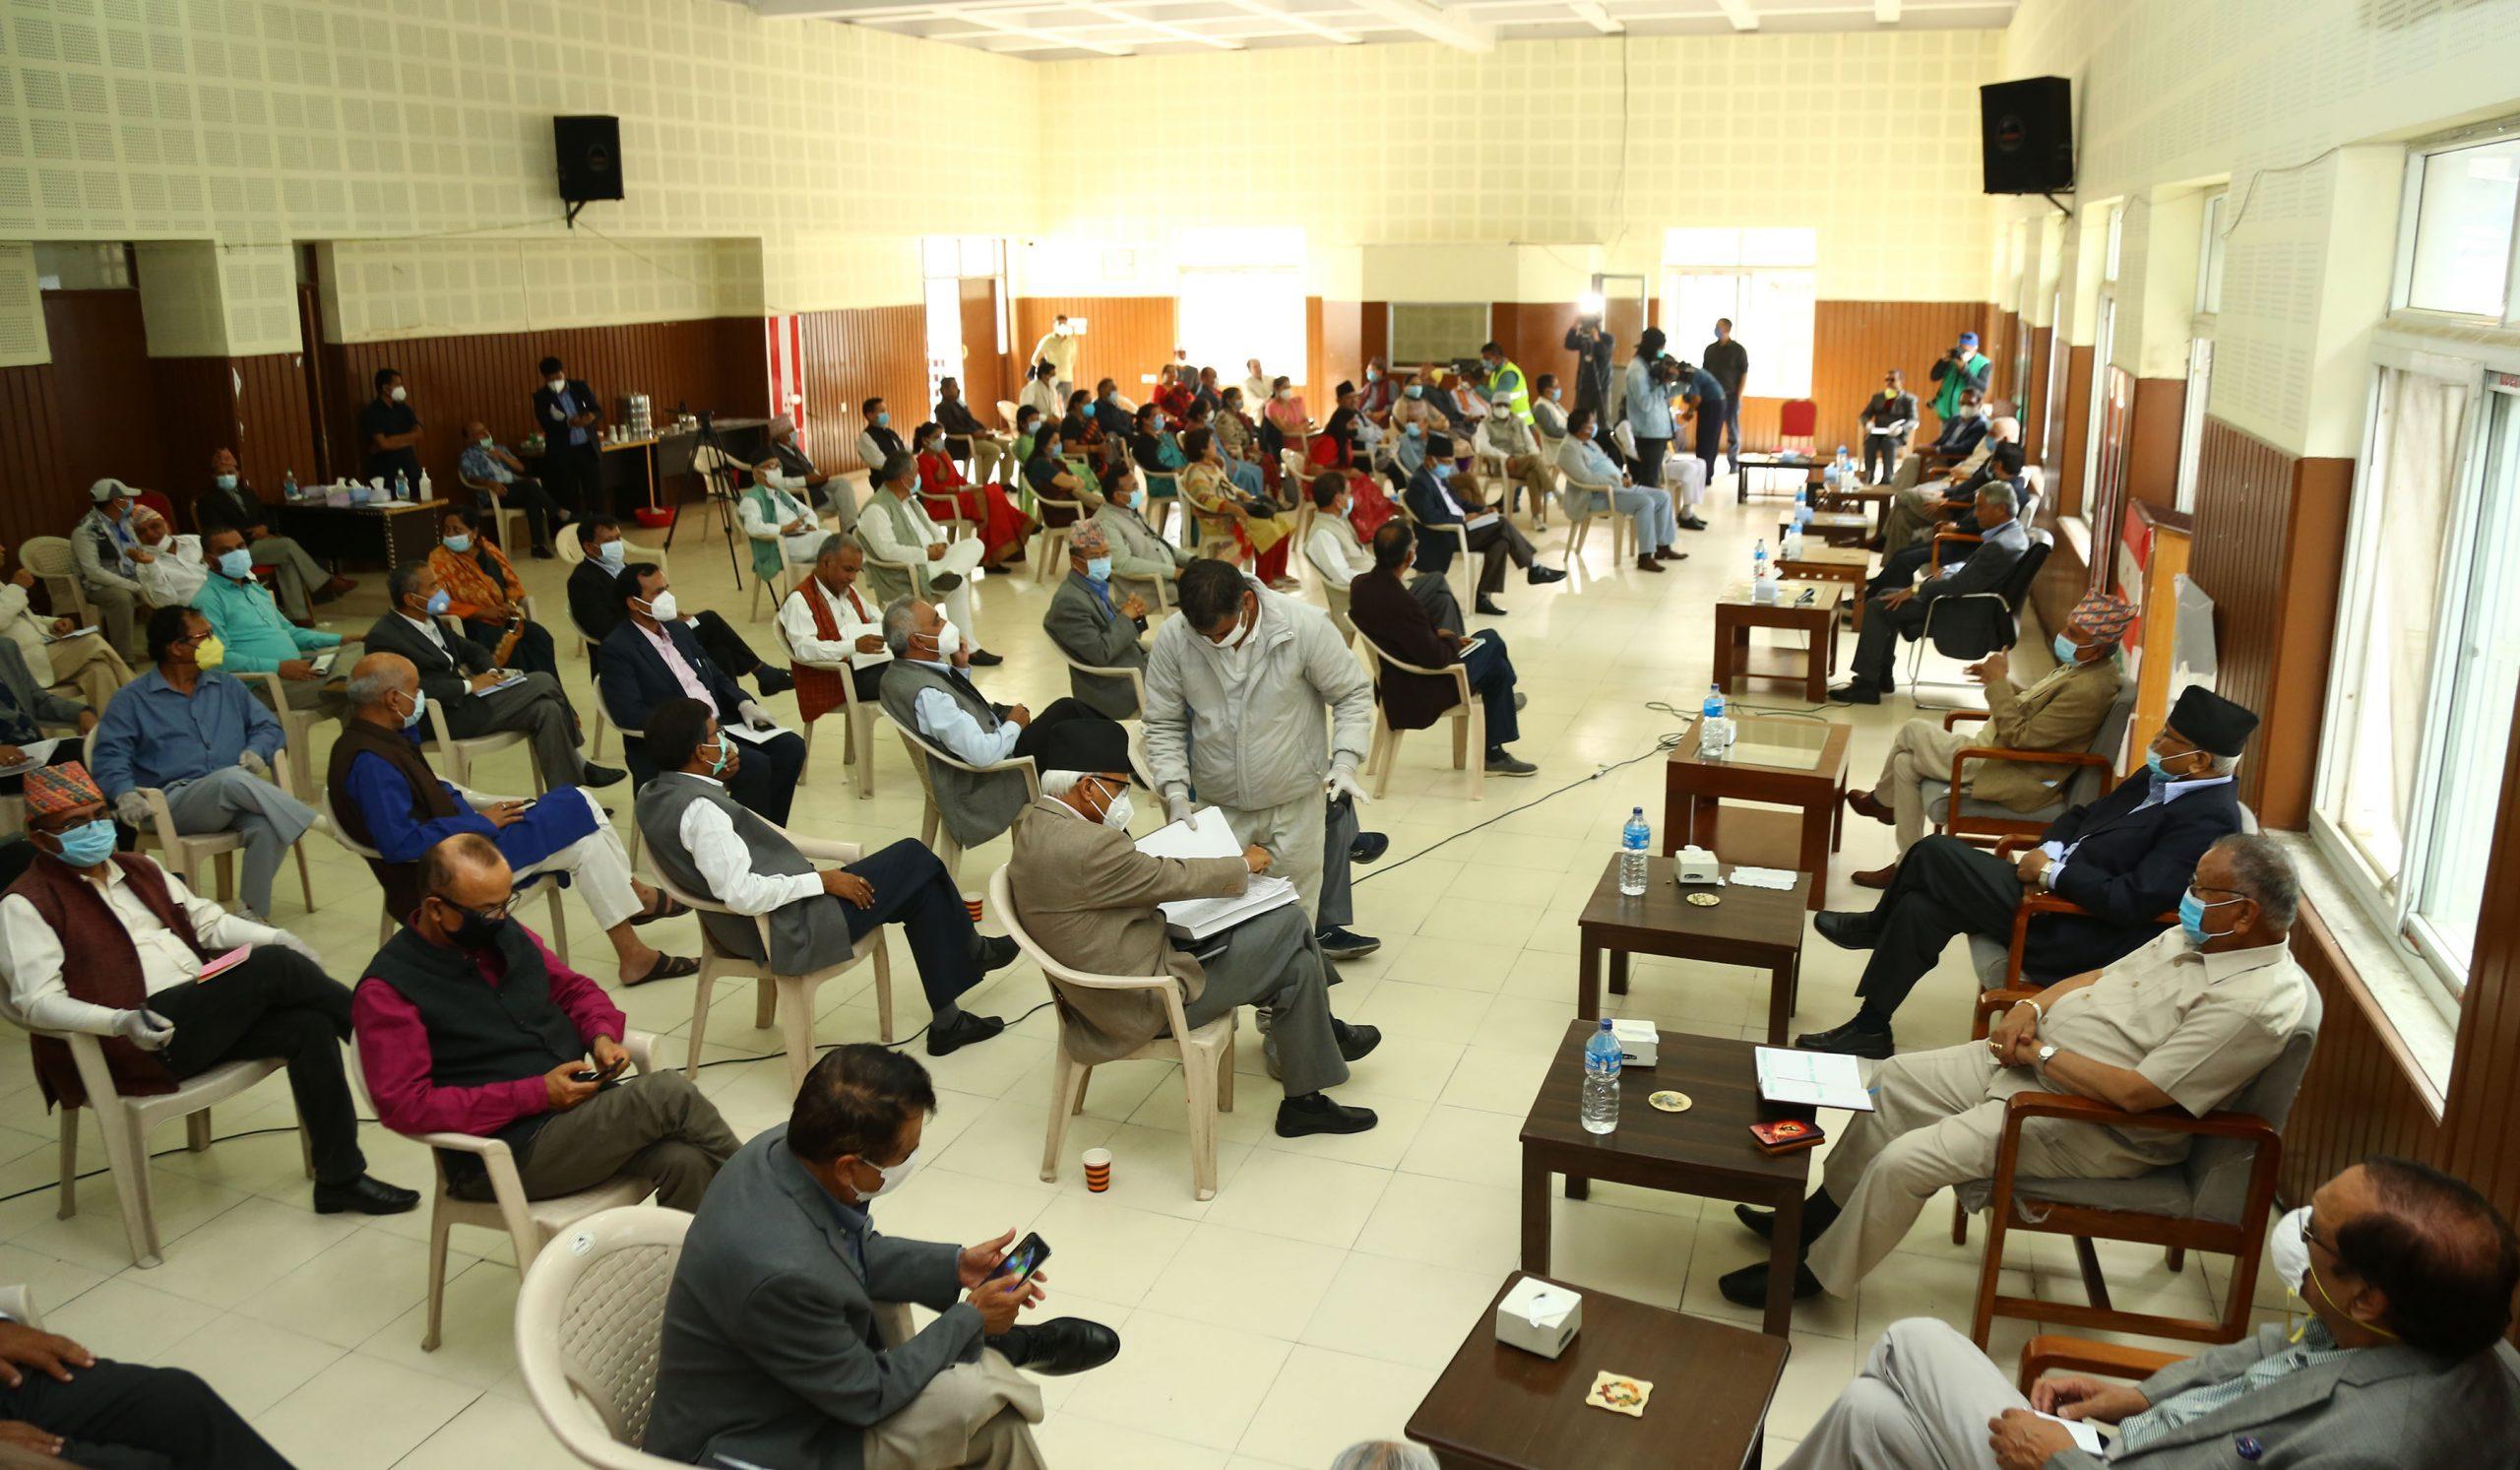 कांग्रेस बैठकः बाढीपहिरो प्रभावितको खोजी, उद्धार, उपचार, स्थानान्तरणमा जुट्न सरकारसँग माग